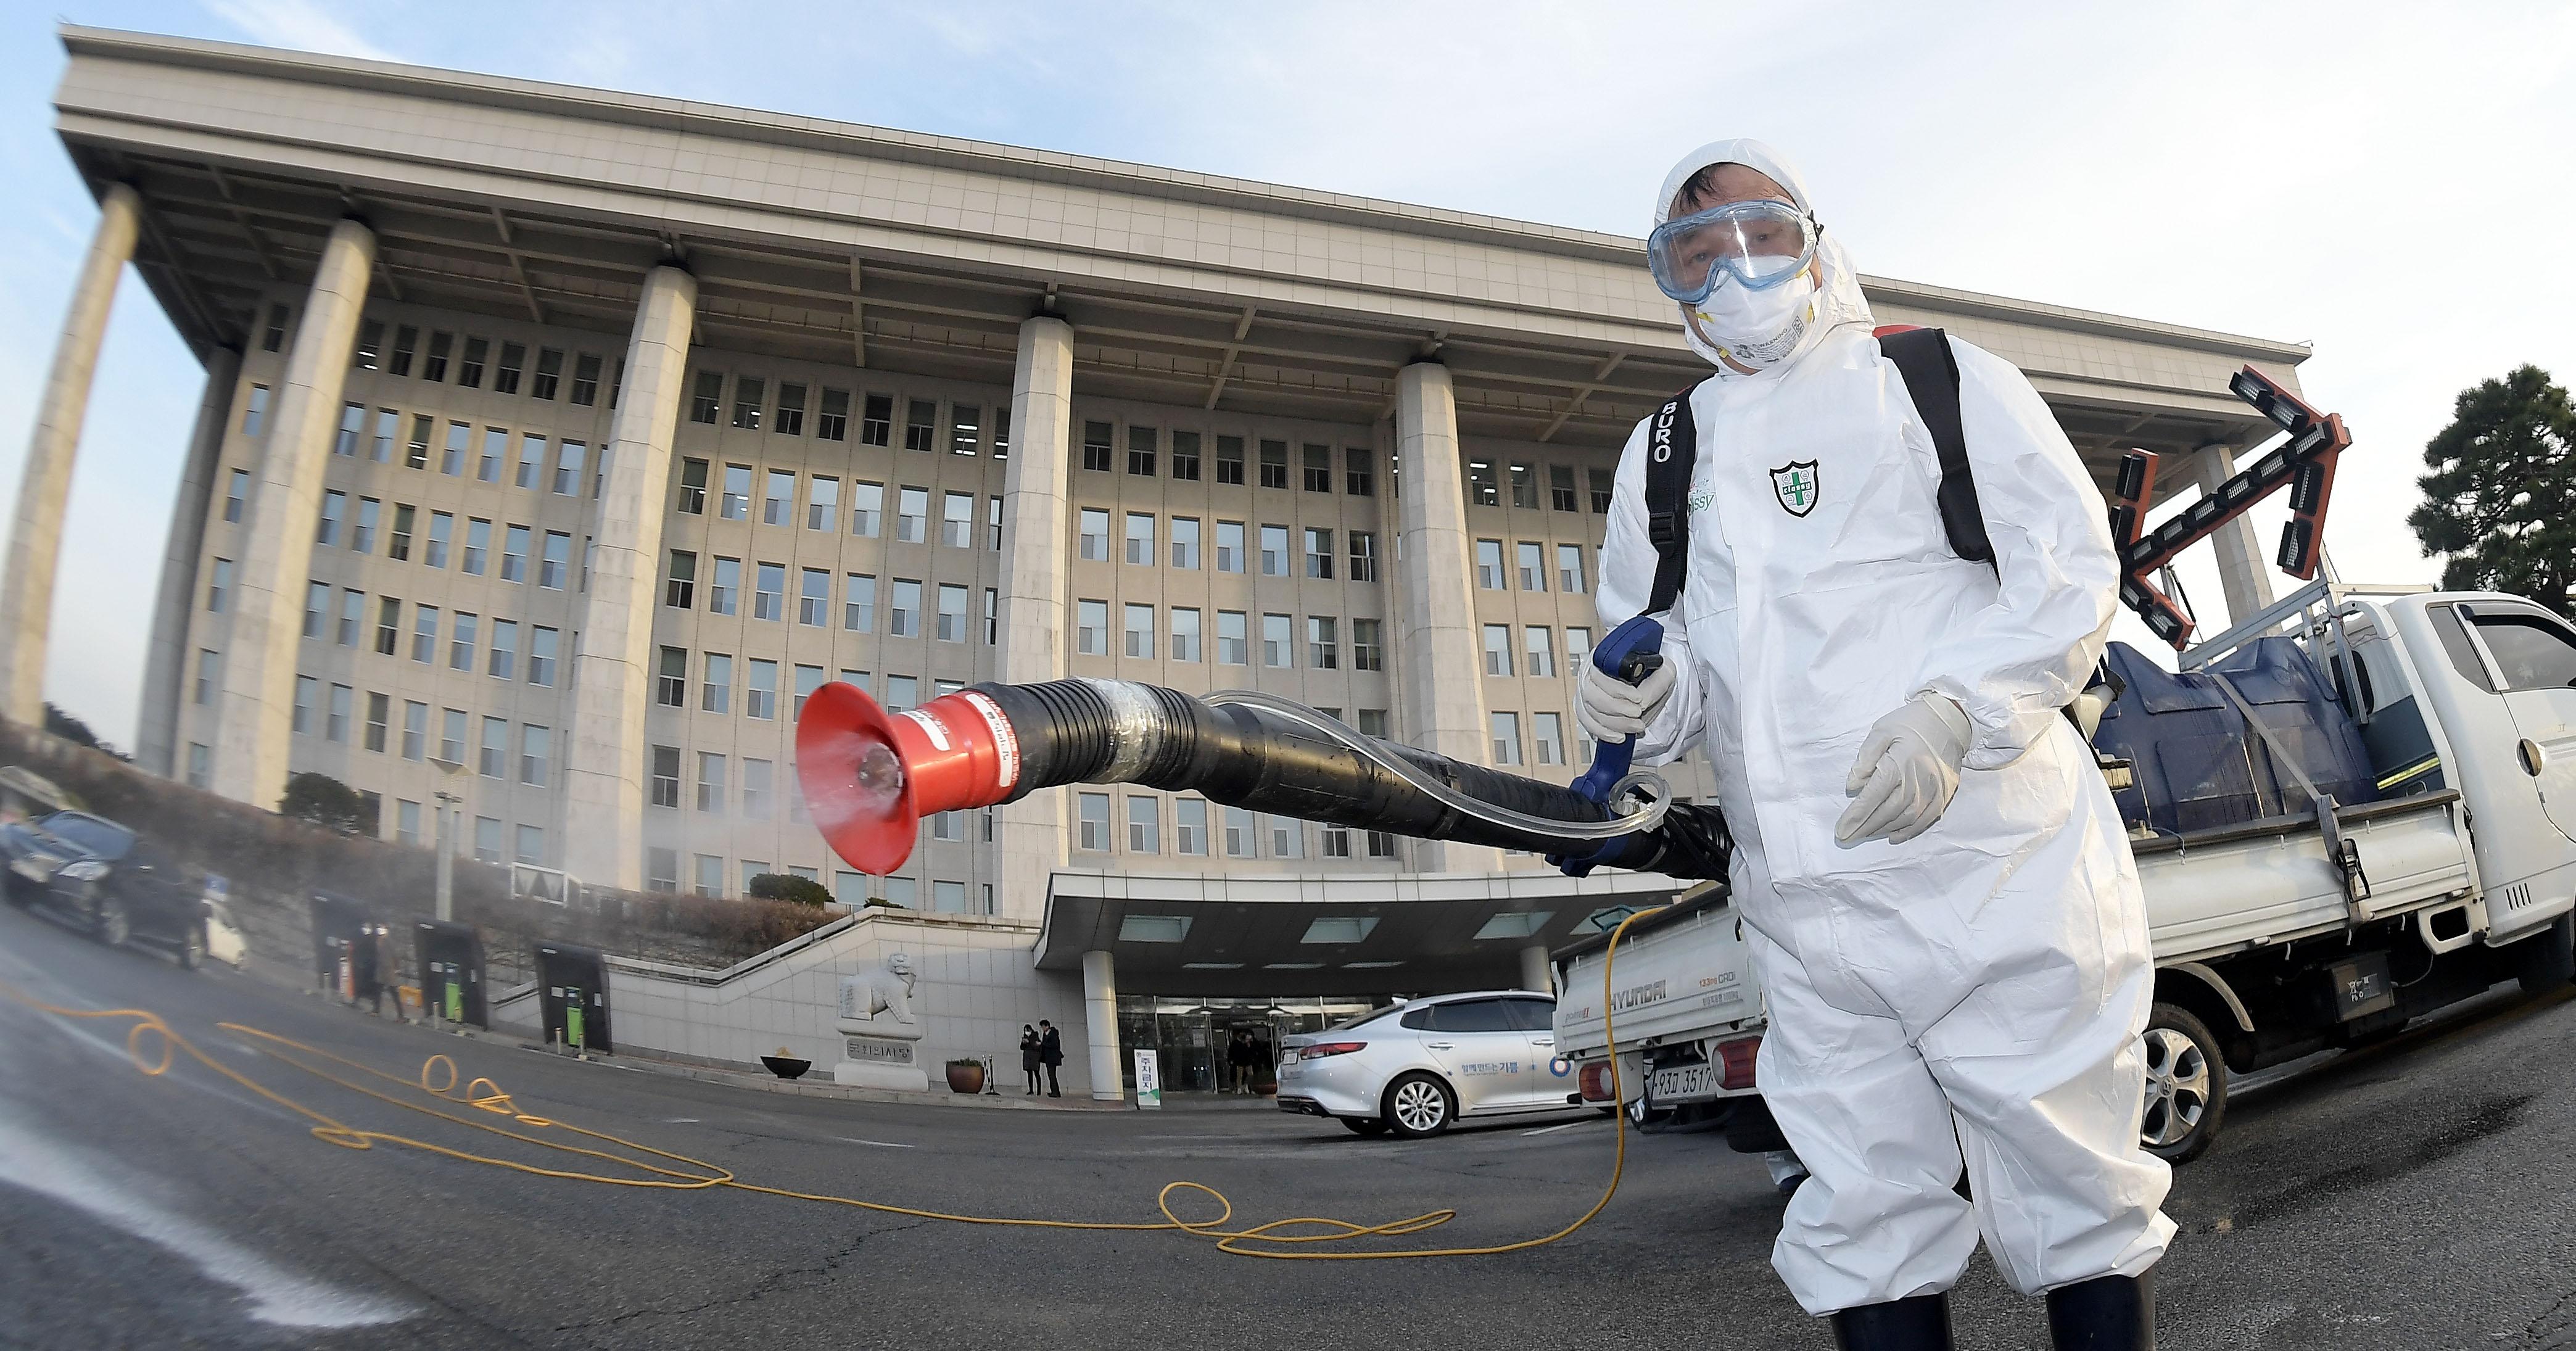 '사상 초유의 국회 폐쇄'…전면 방역